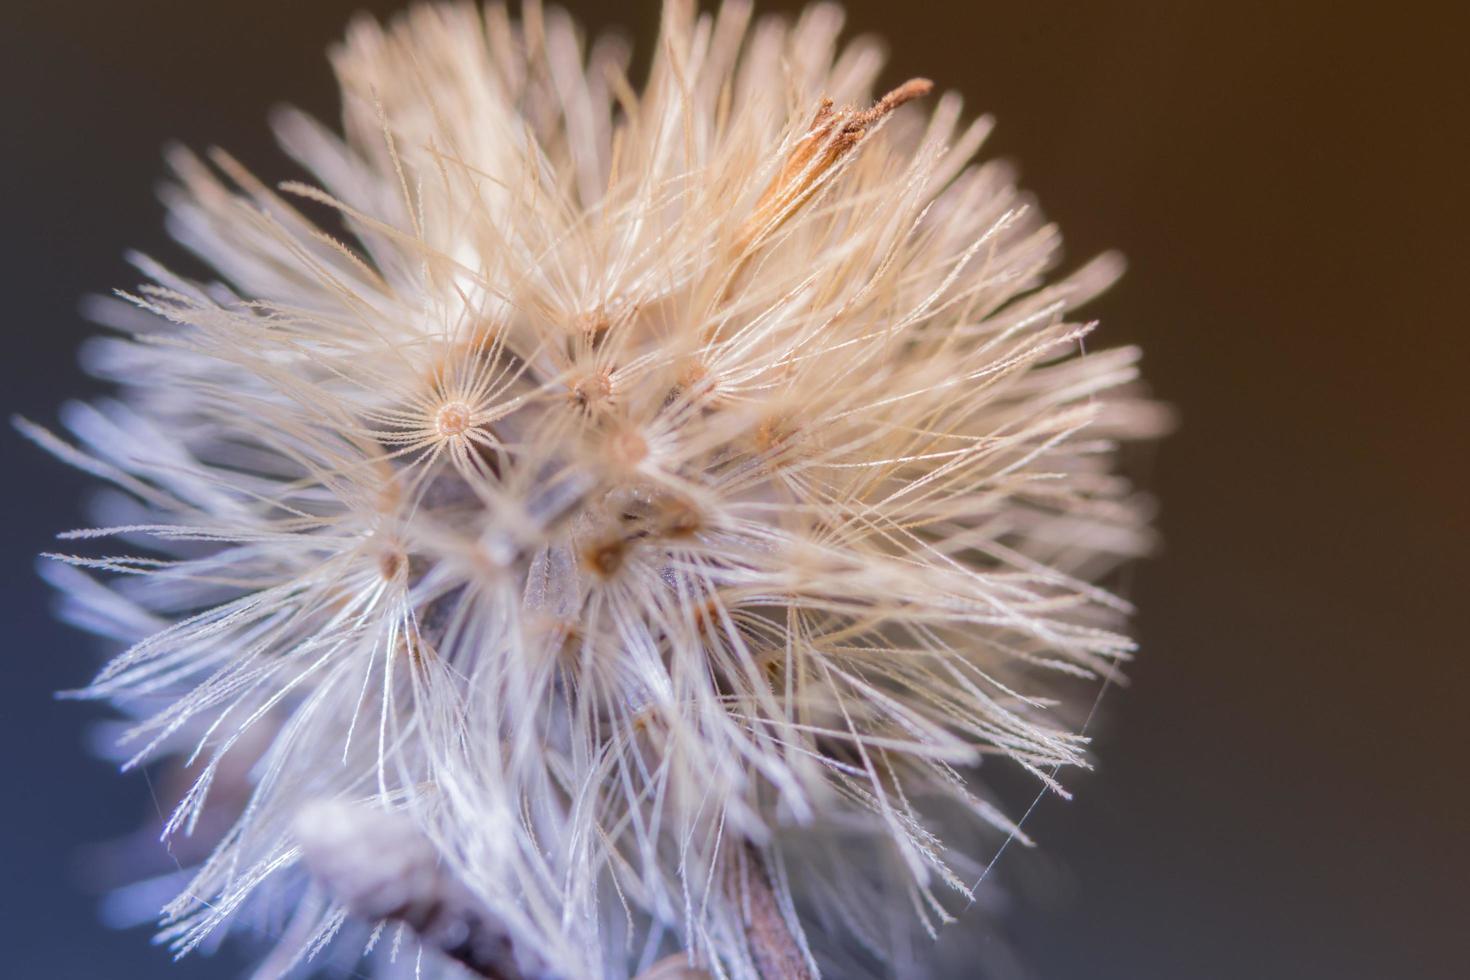 Wildflower op bruine achtergrond foto